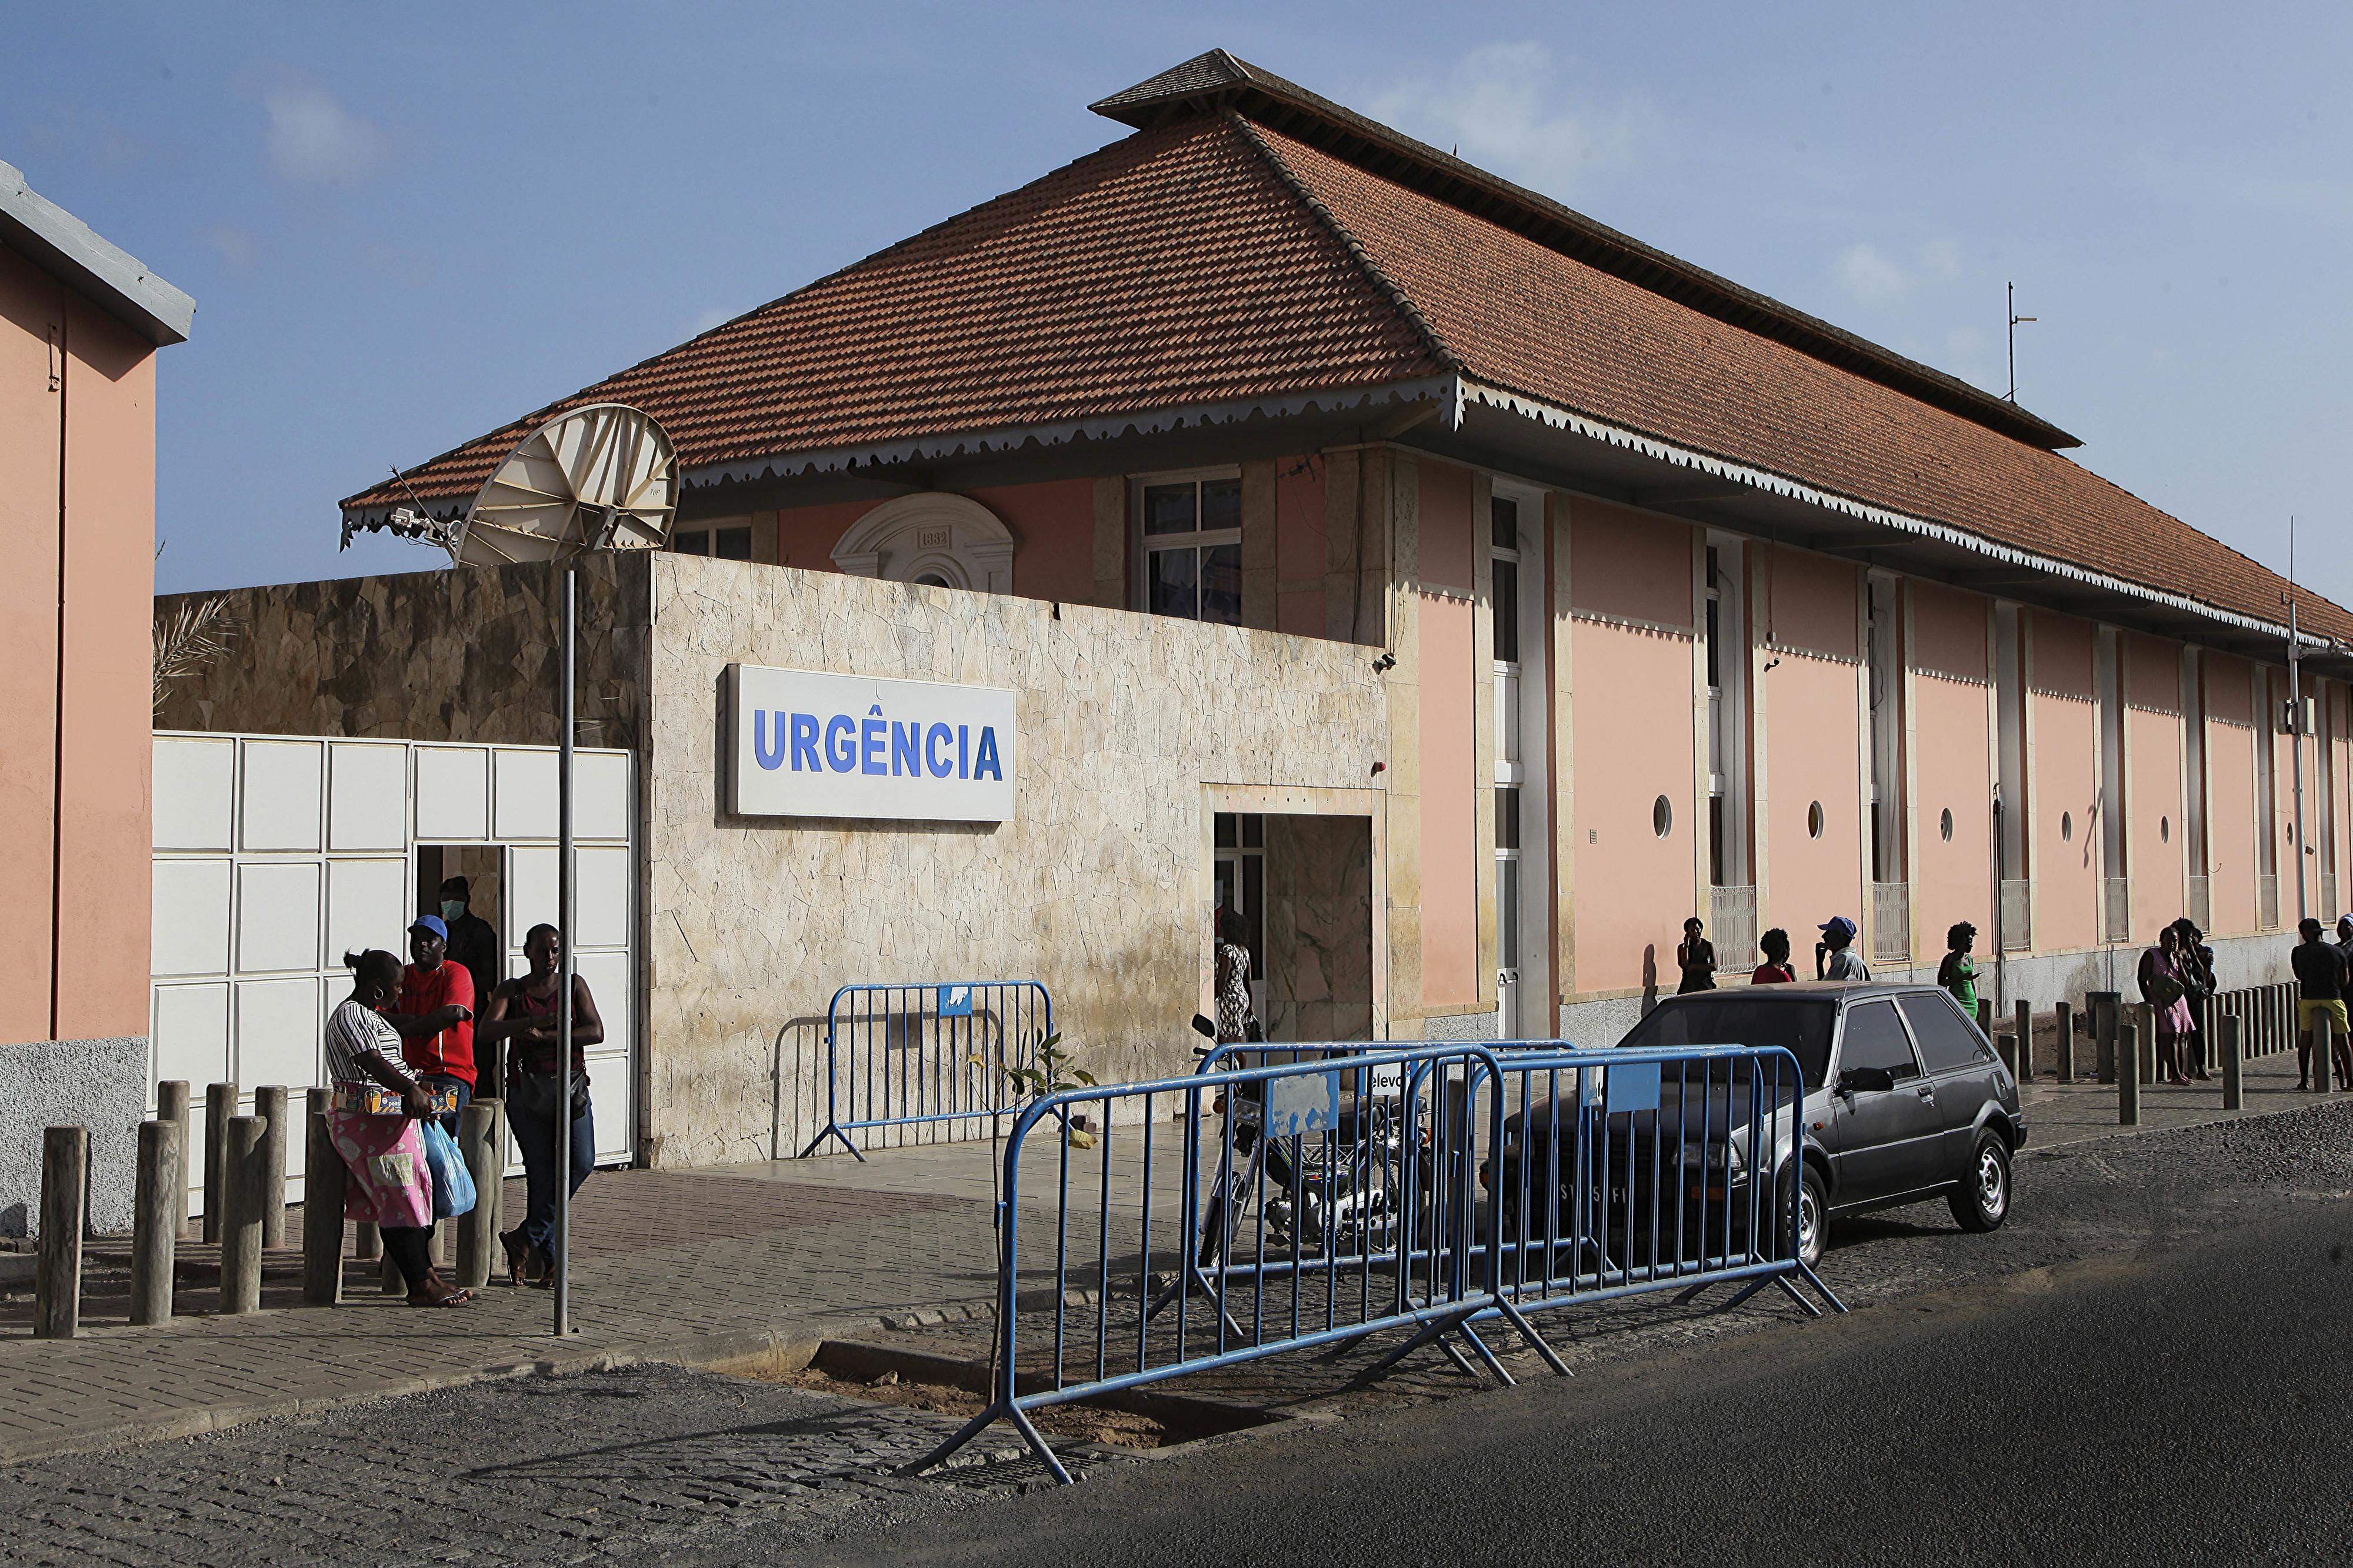 Confirmado sétimo caso em Cabo Verde